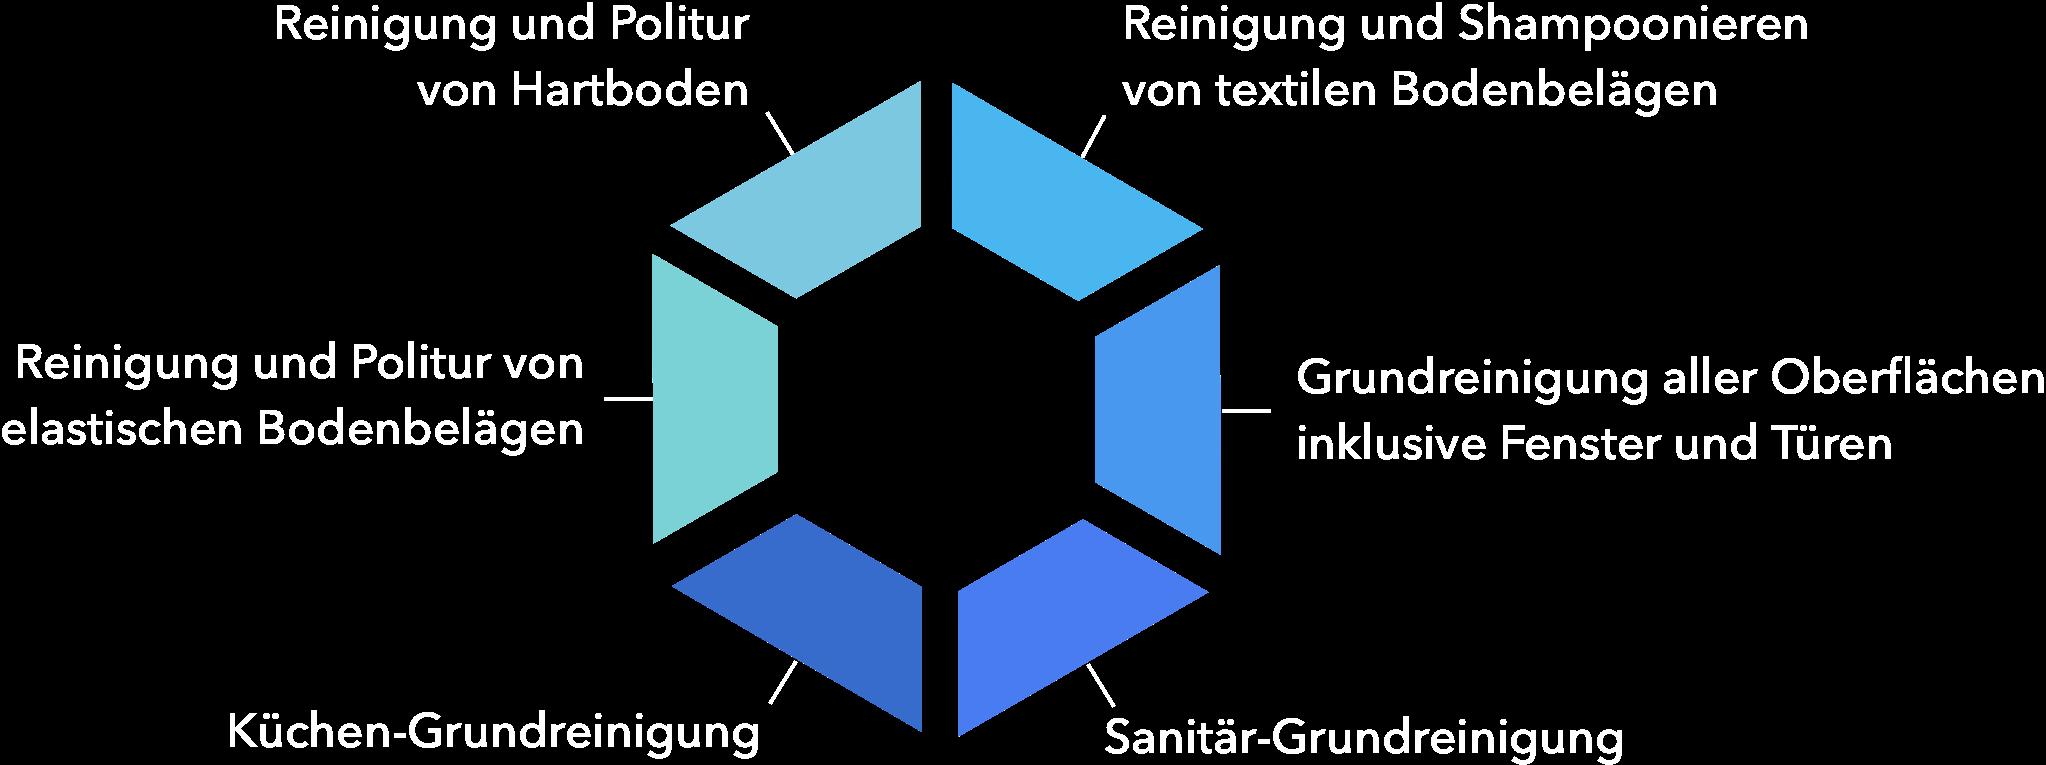 Grundreinigung